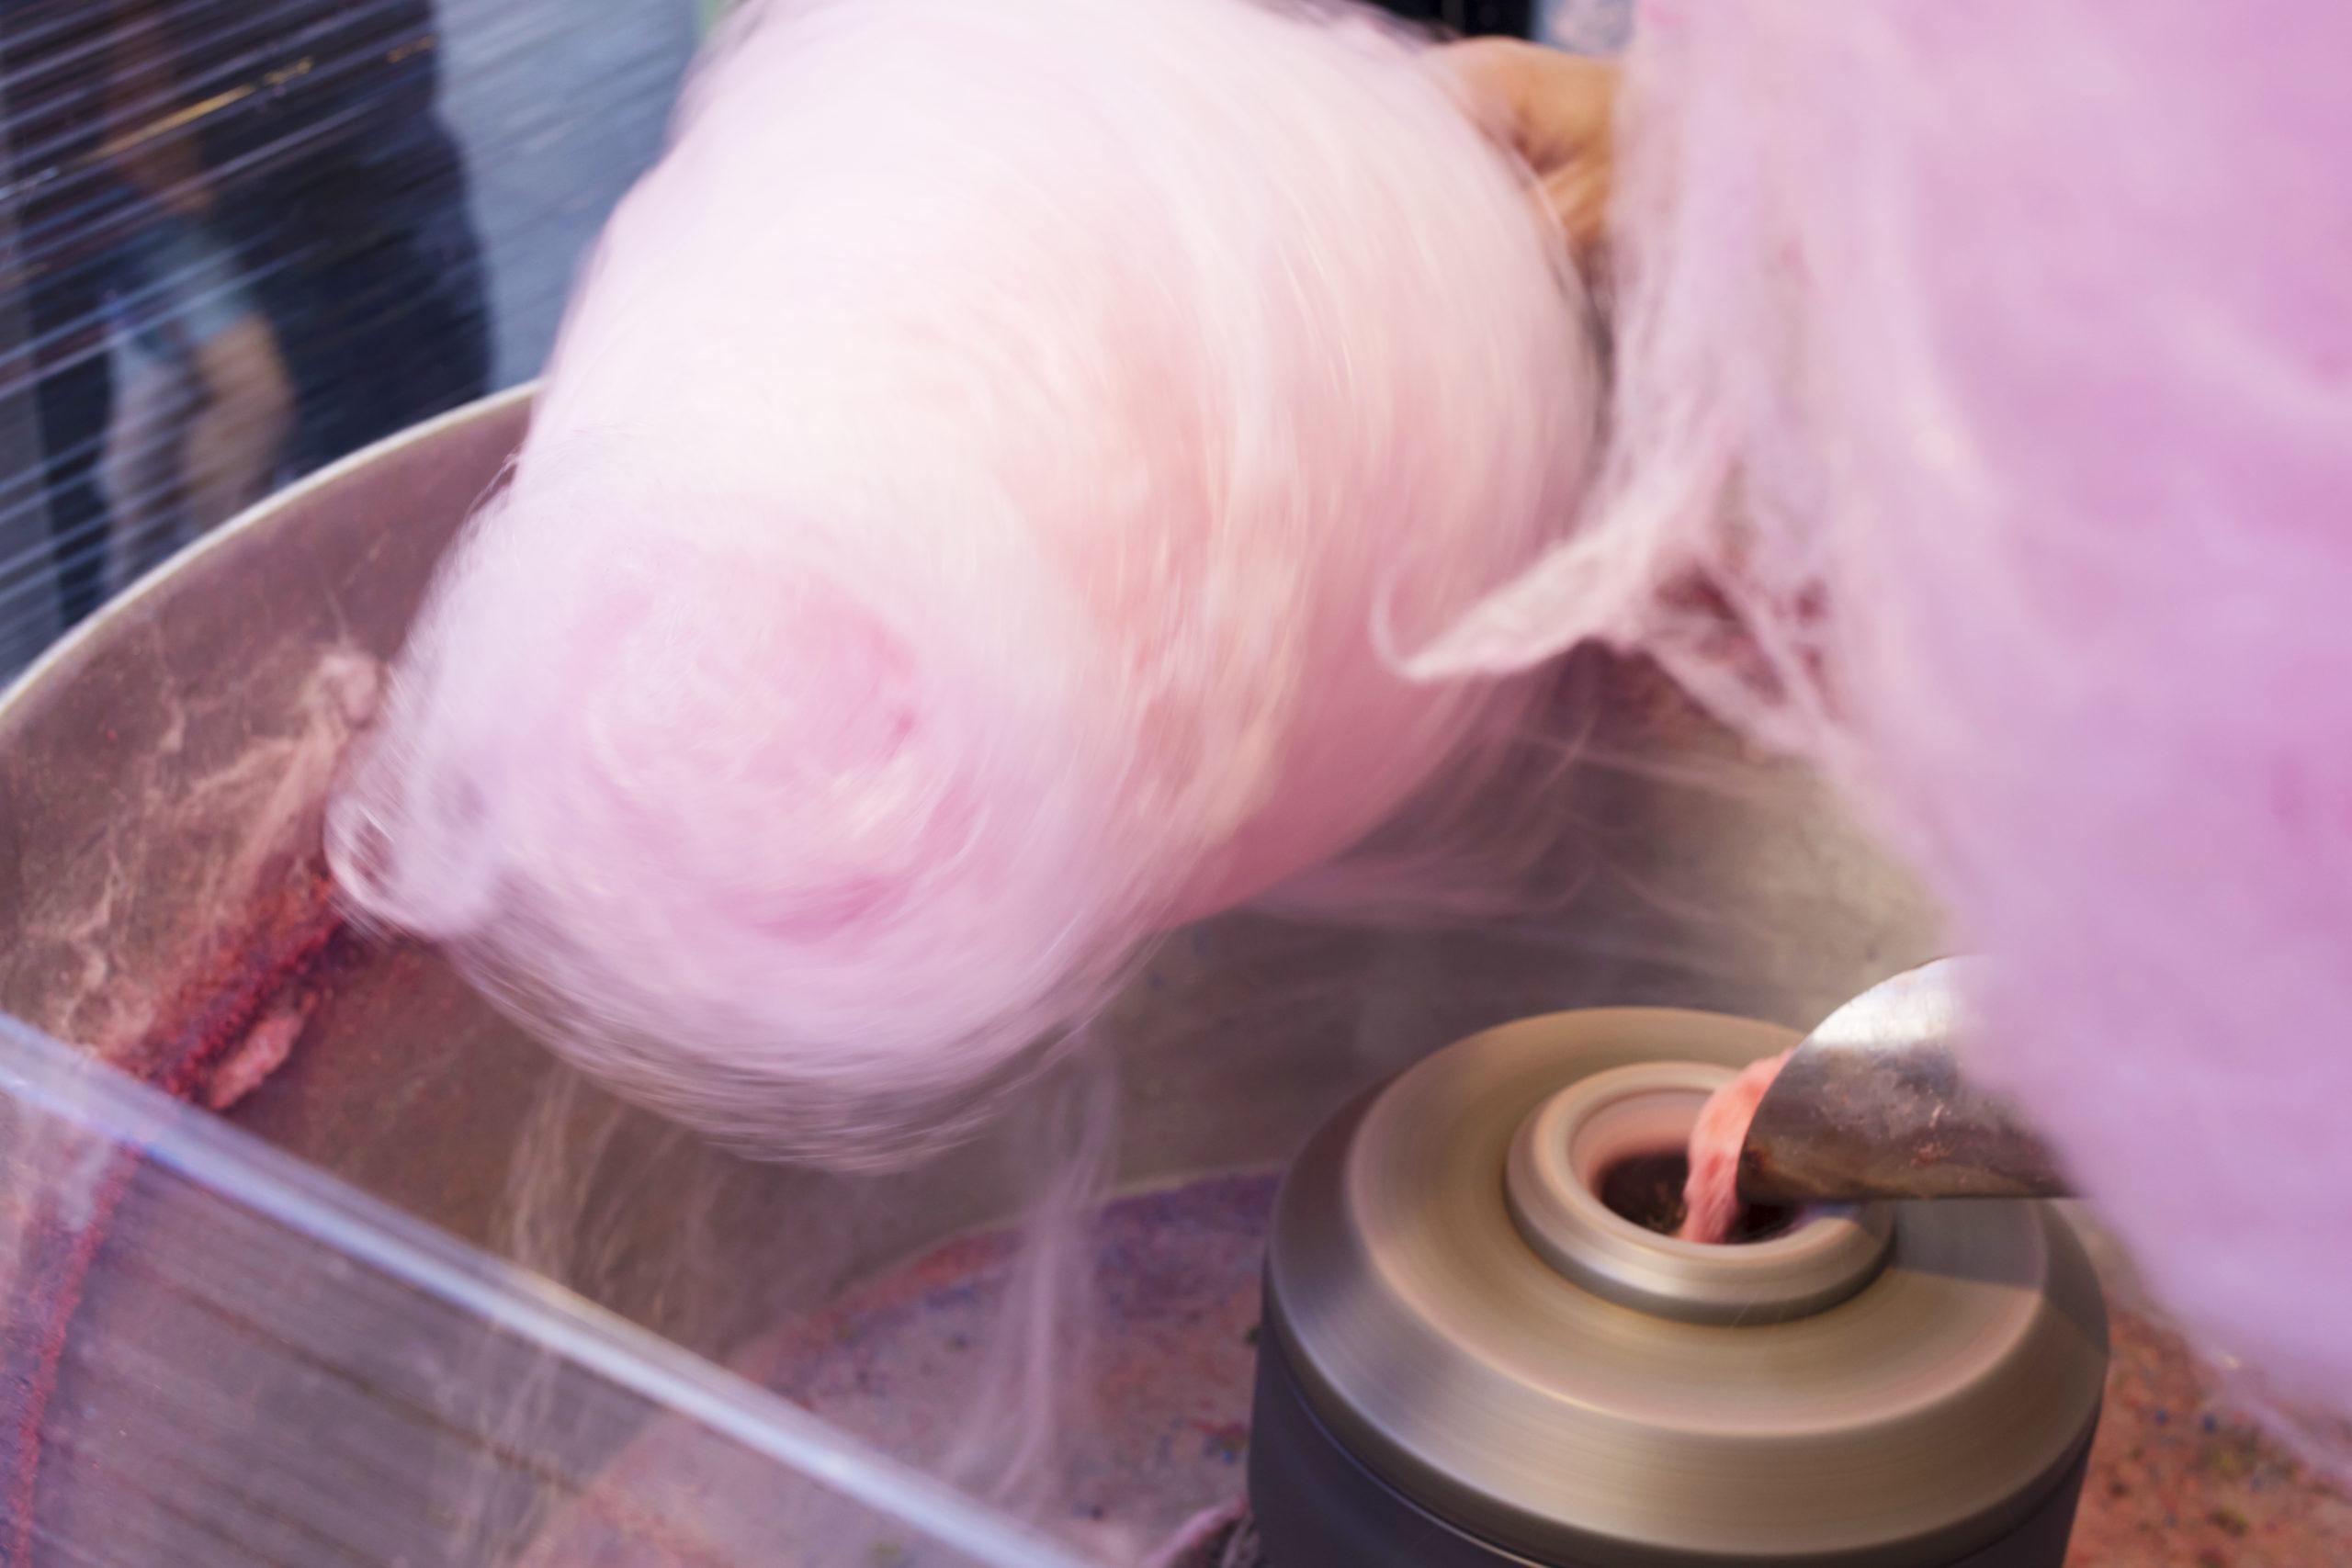 Crean filtros para cubrebocas con máquina de algodón de azúcar